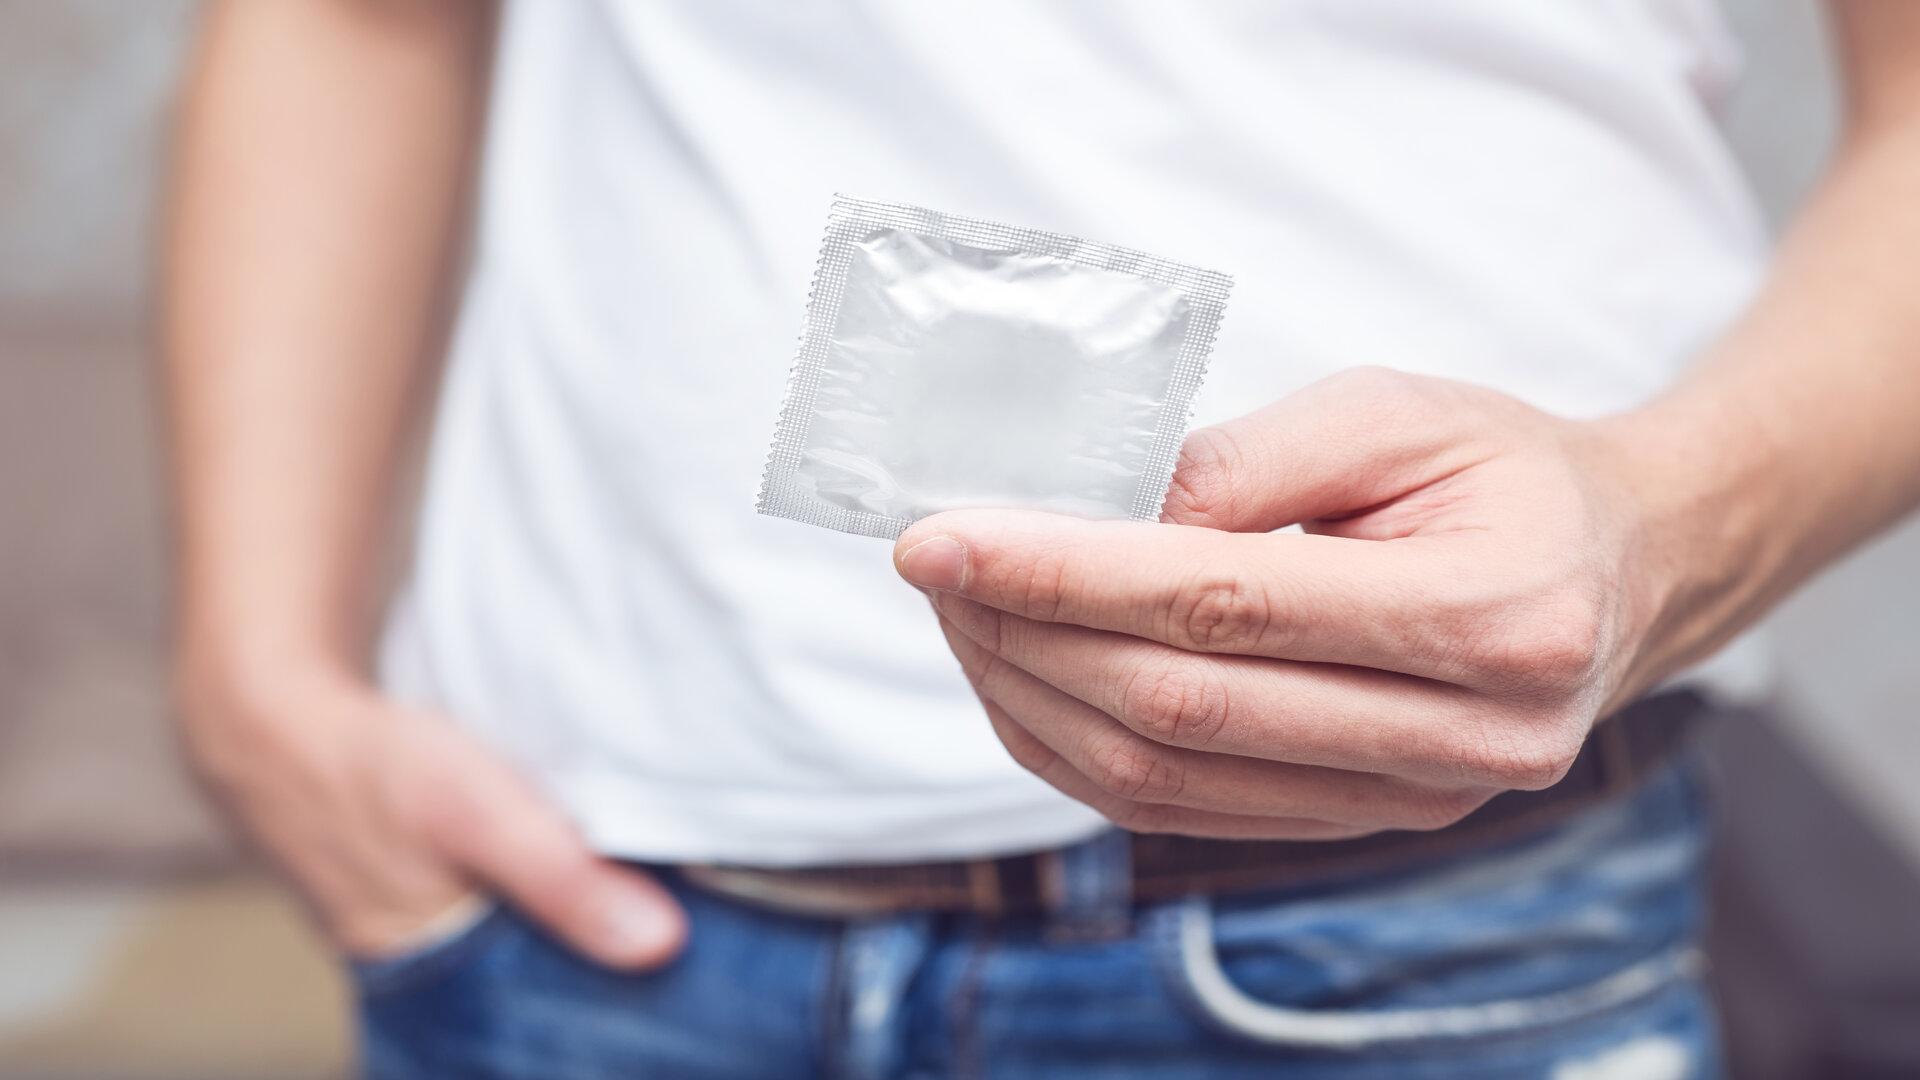 Anesthésiques topiques et préservatifs